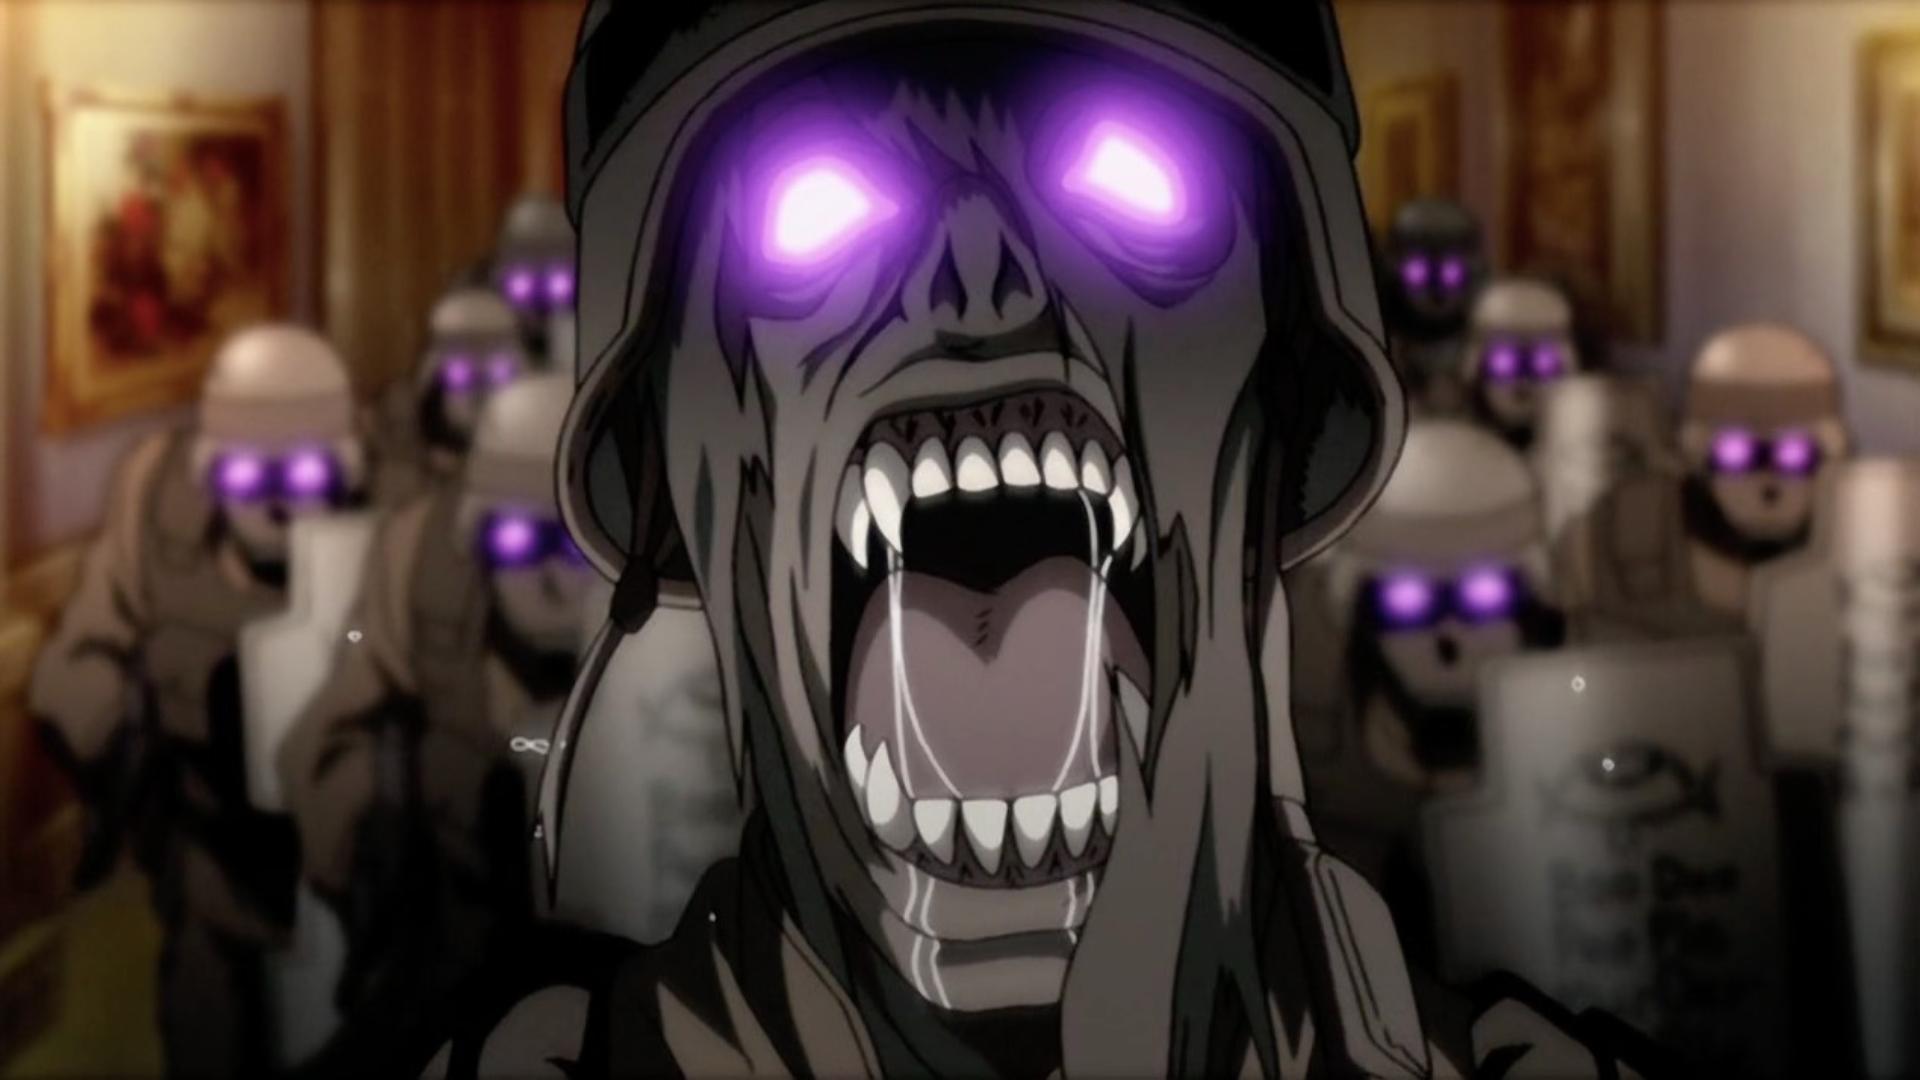 人造吸血鬼闯入驱魔人总部,屠杀守卫后,遭遇真·吸血鬼